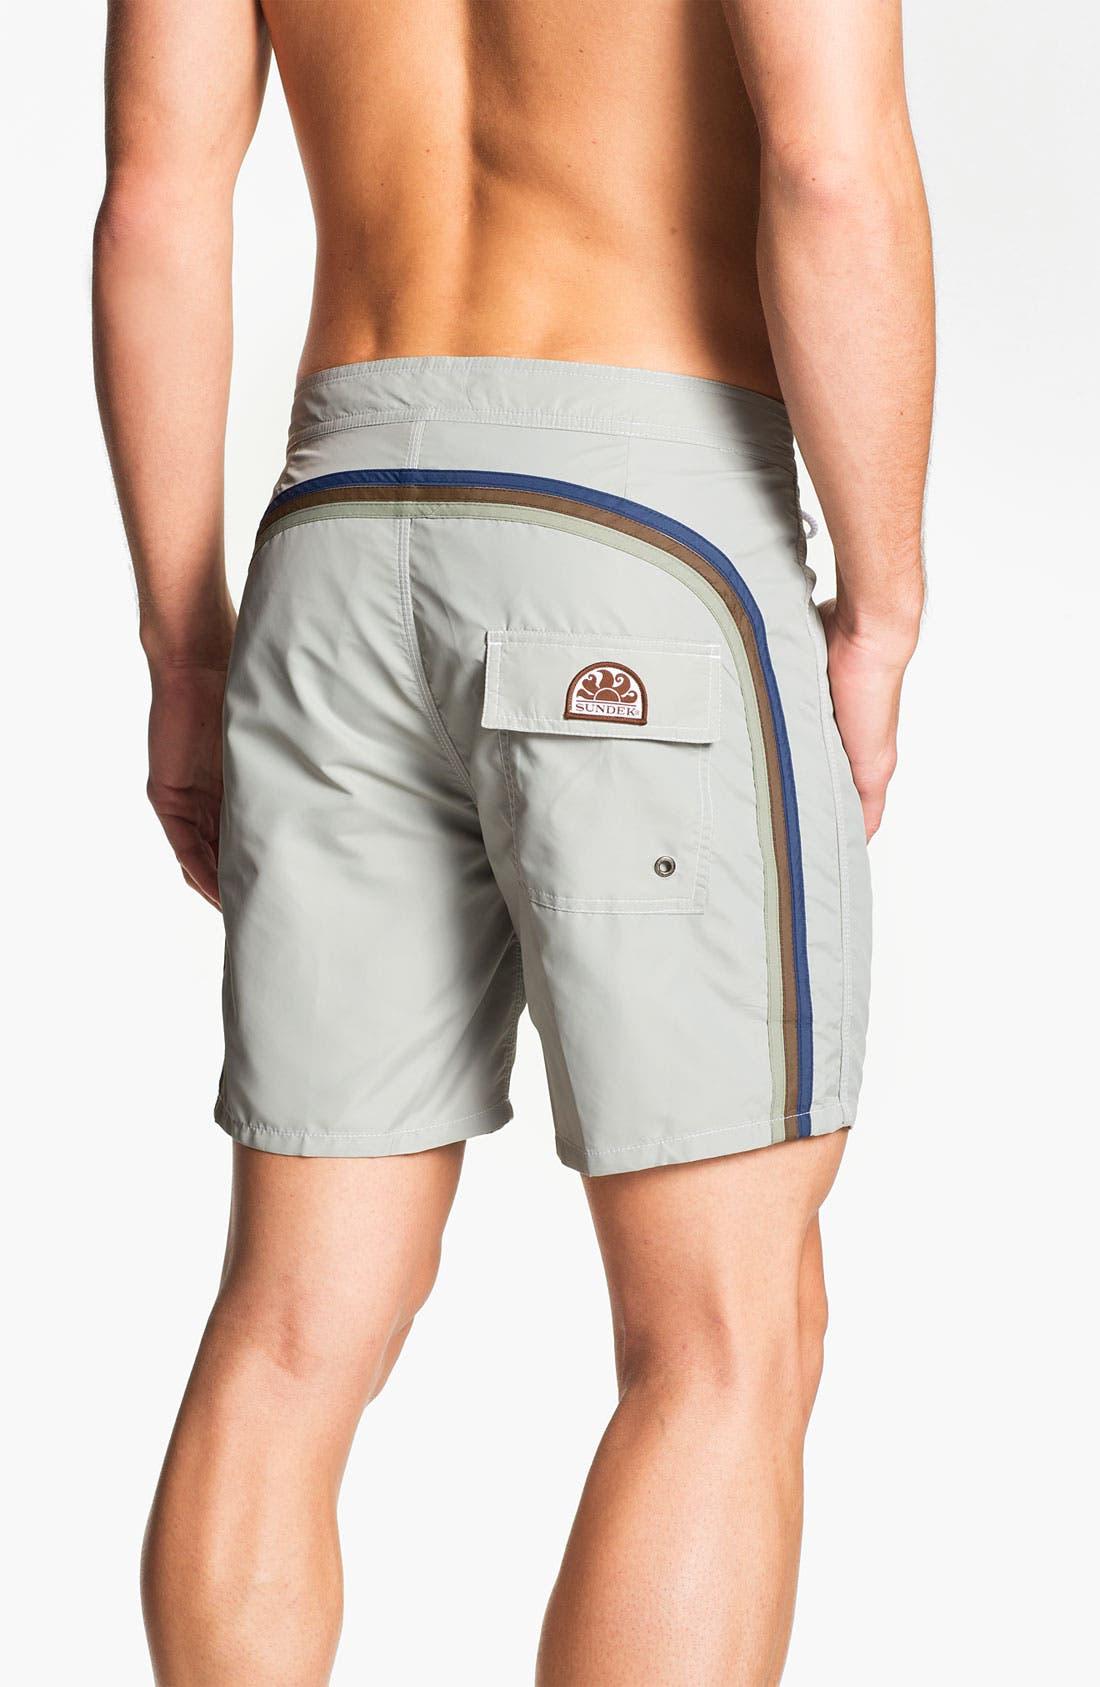 Alternate Image 1 Selected - Sundek Volley Swim Shorts (Men) (Online Only)